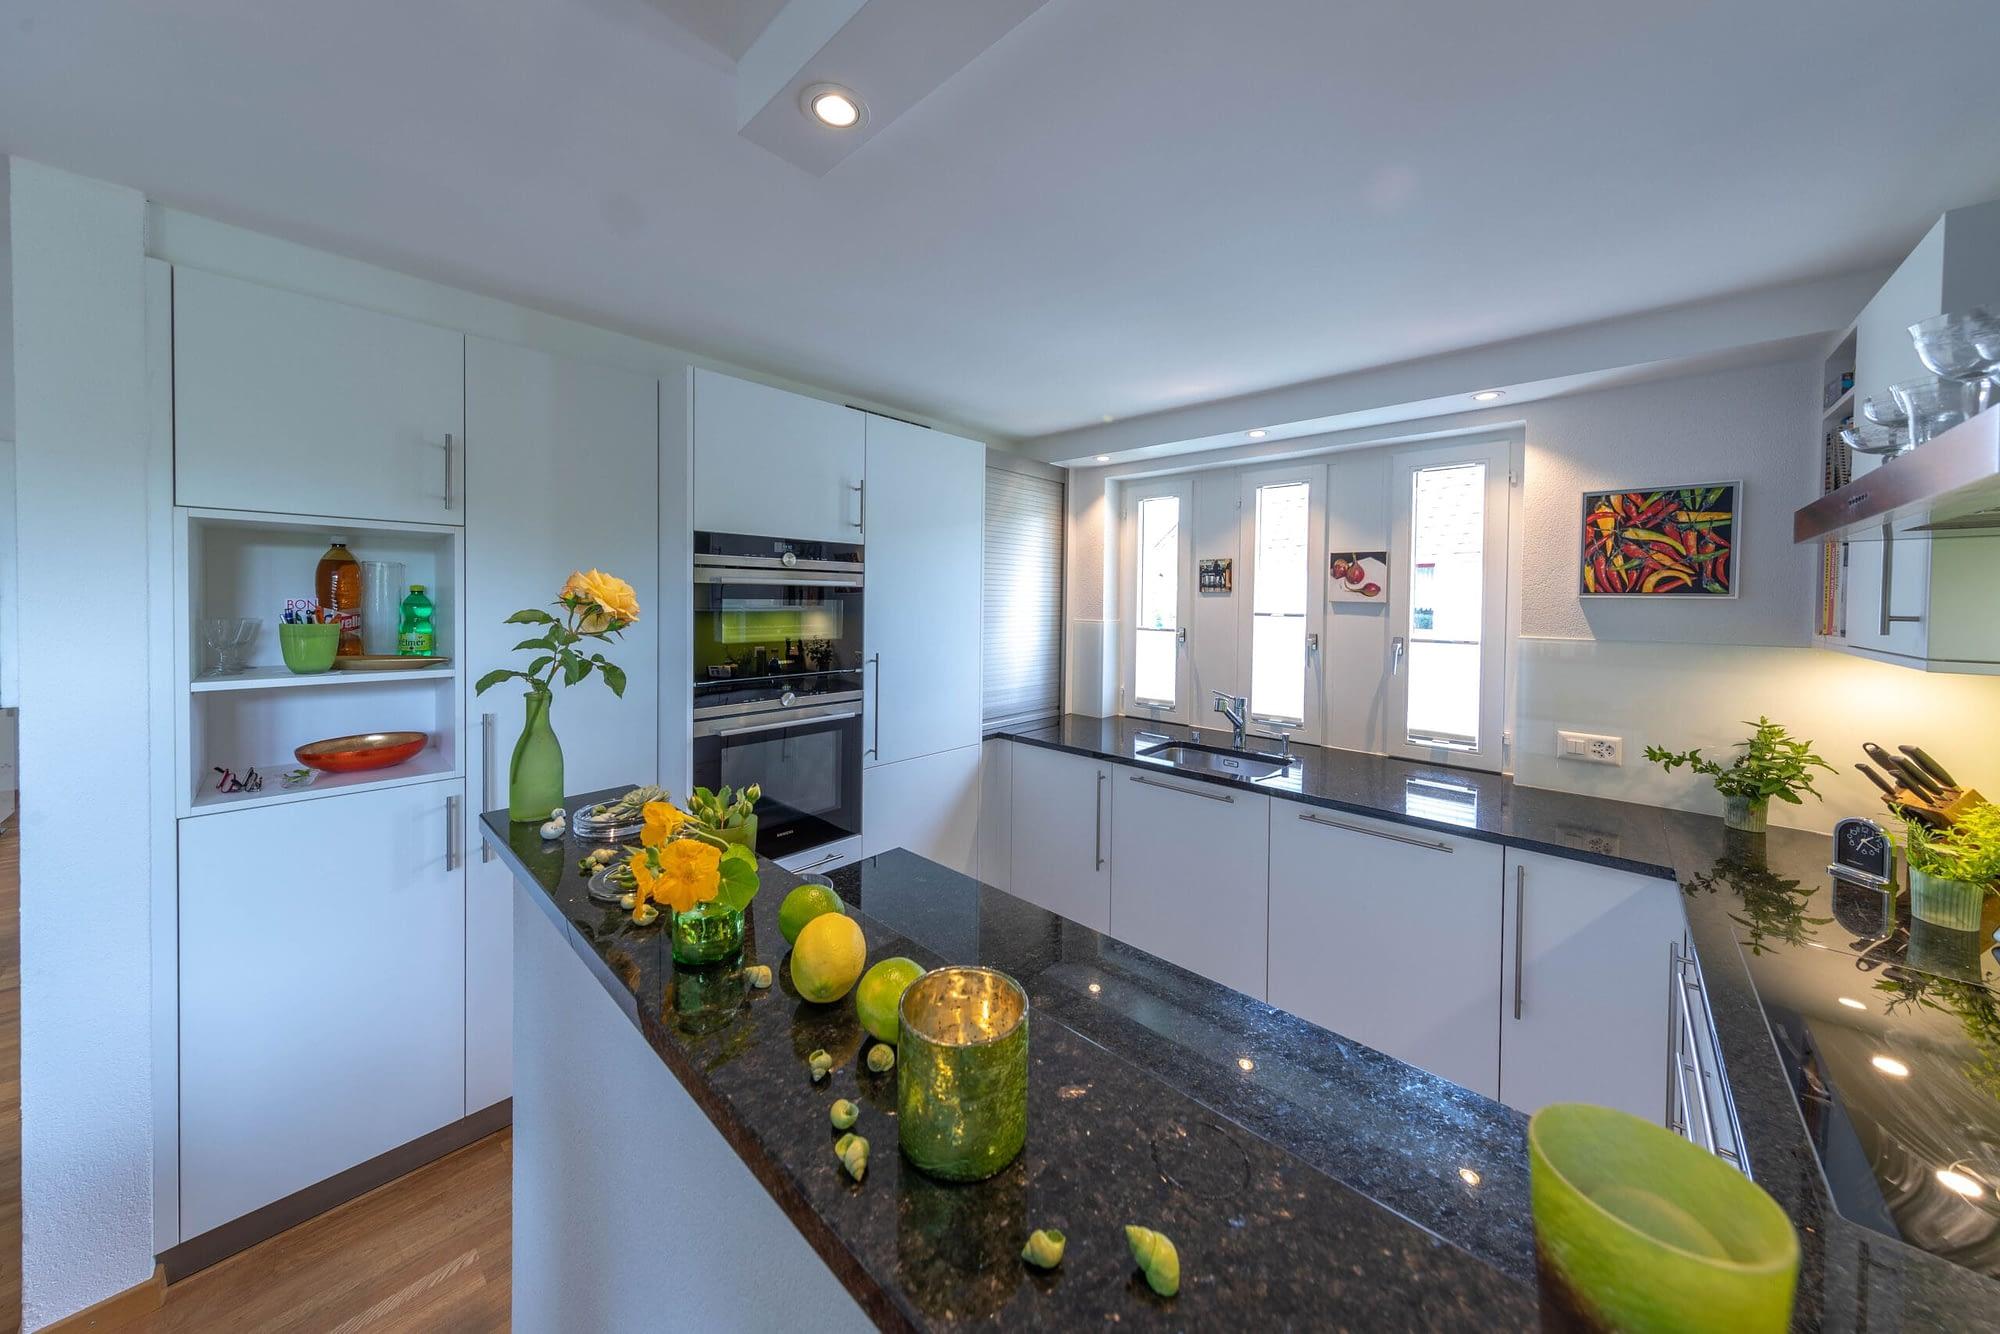 Komplettumbau der Küchenschränke sowie dem Boden von einer anderen Perspektive